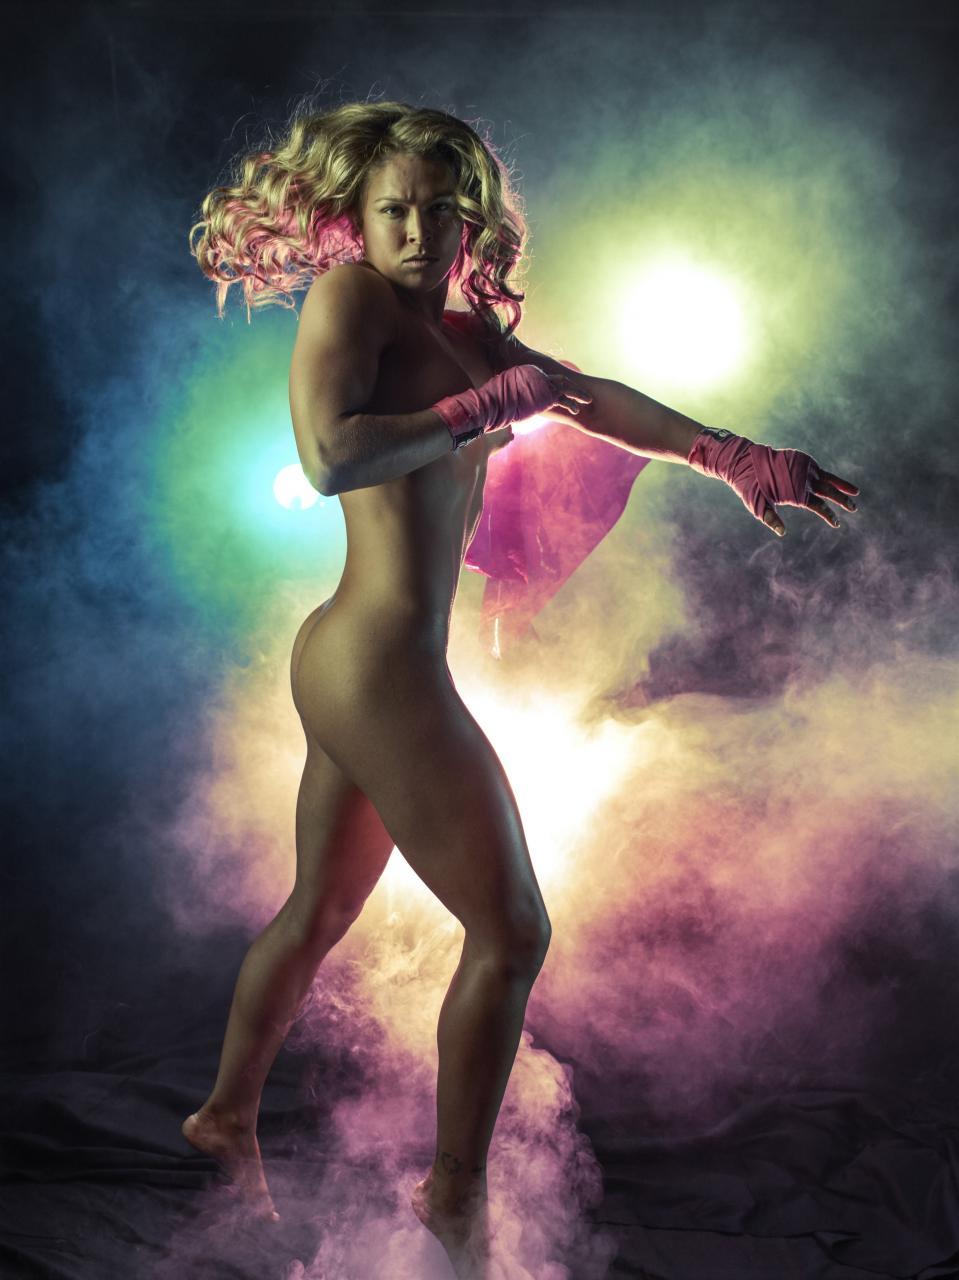 Ronda Rousey Nude Photos